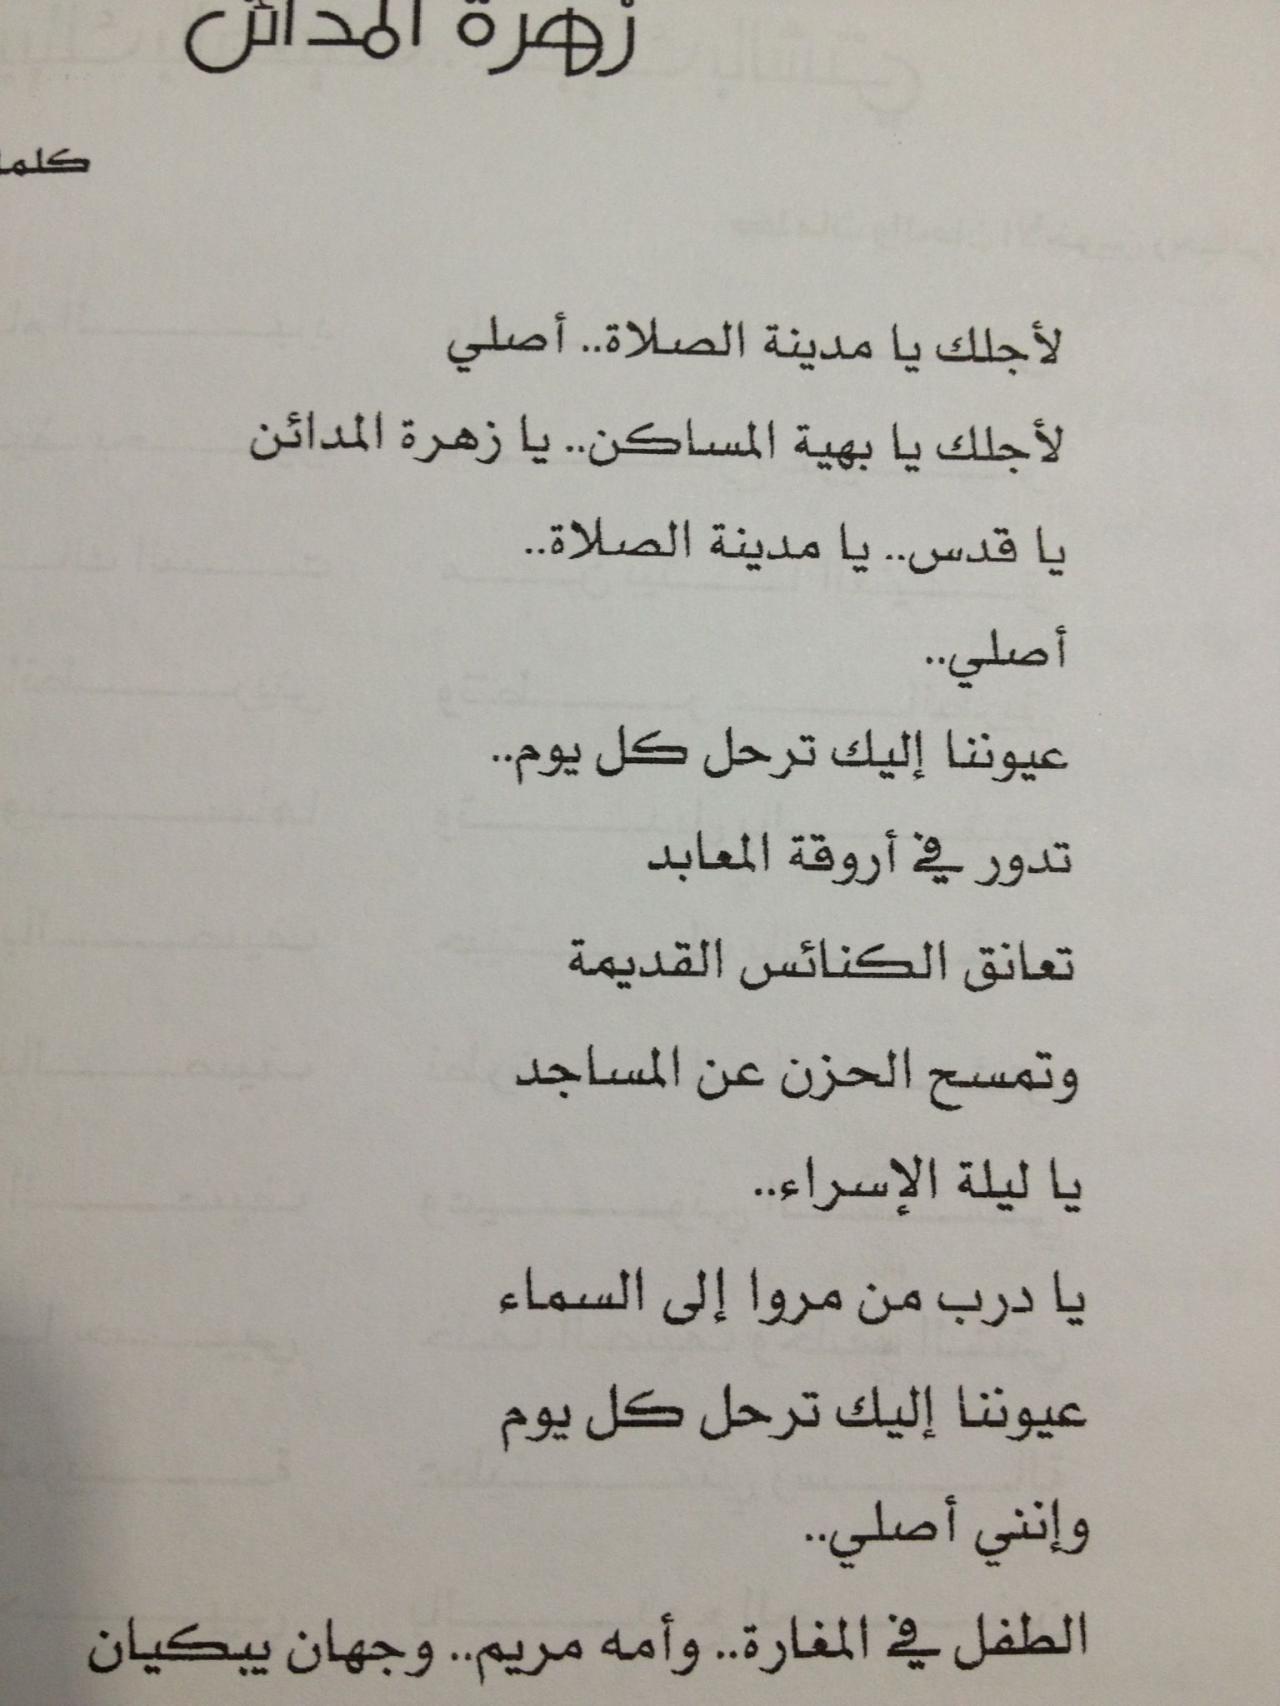 صورة كلمات زهرة المدائن , كلمات لاجمل اغانى فيروز زهره المدائن 13107